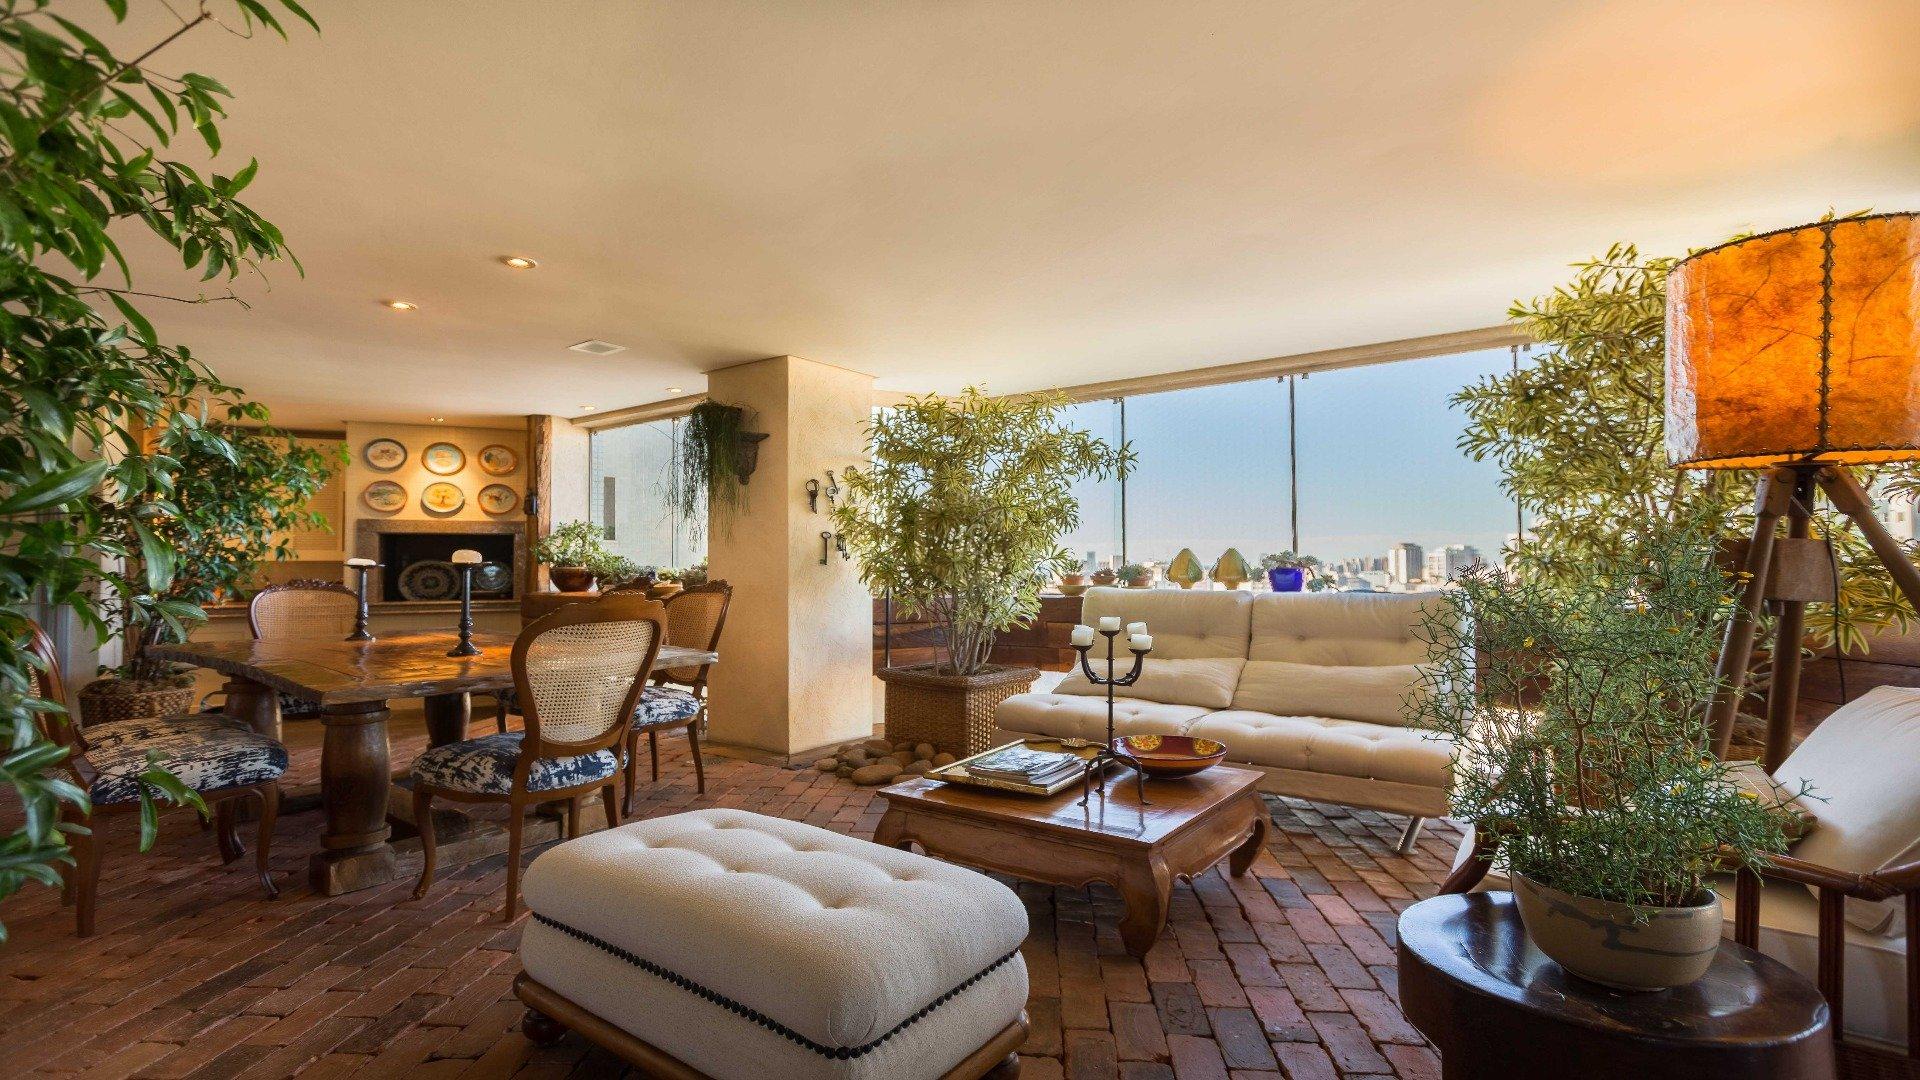 Foto de destaque Apartamento com ares de casa e 4 vagas no batel!!!